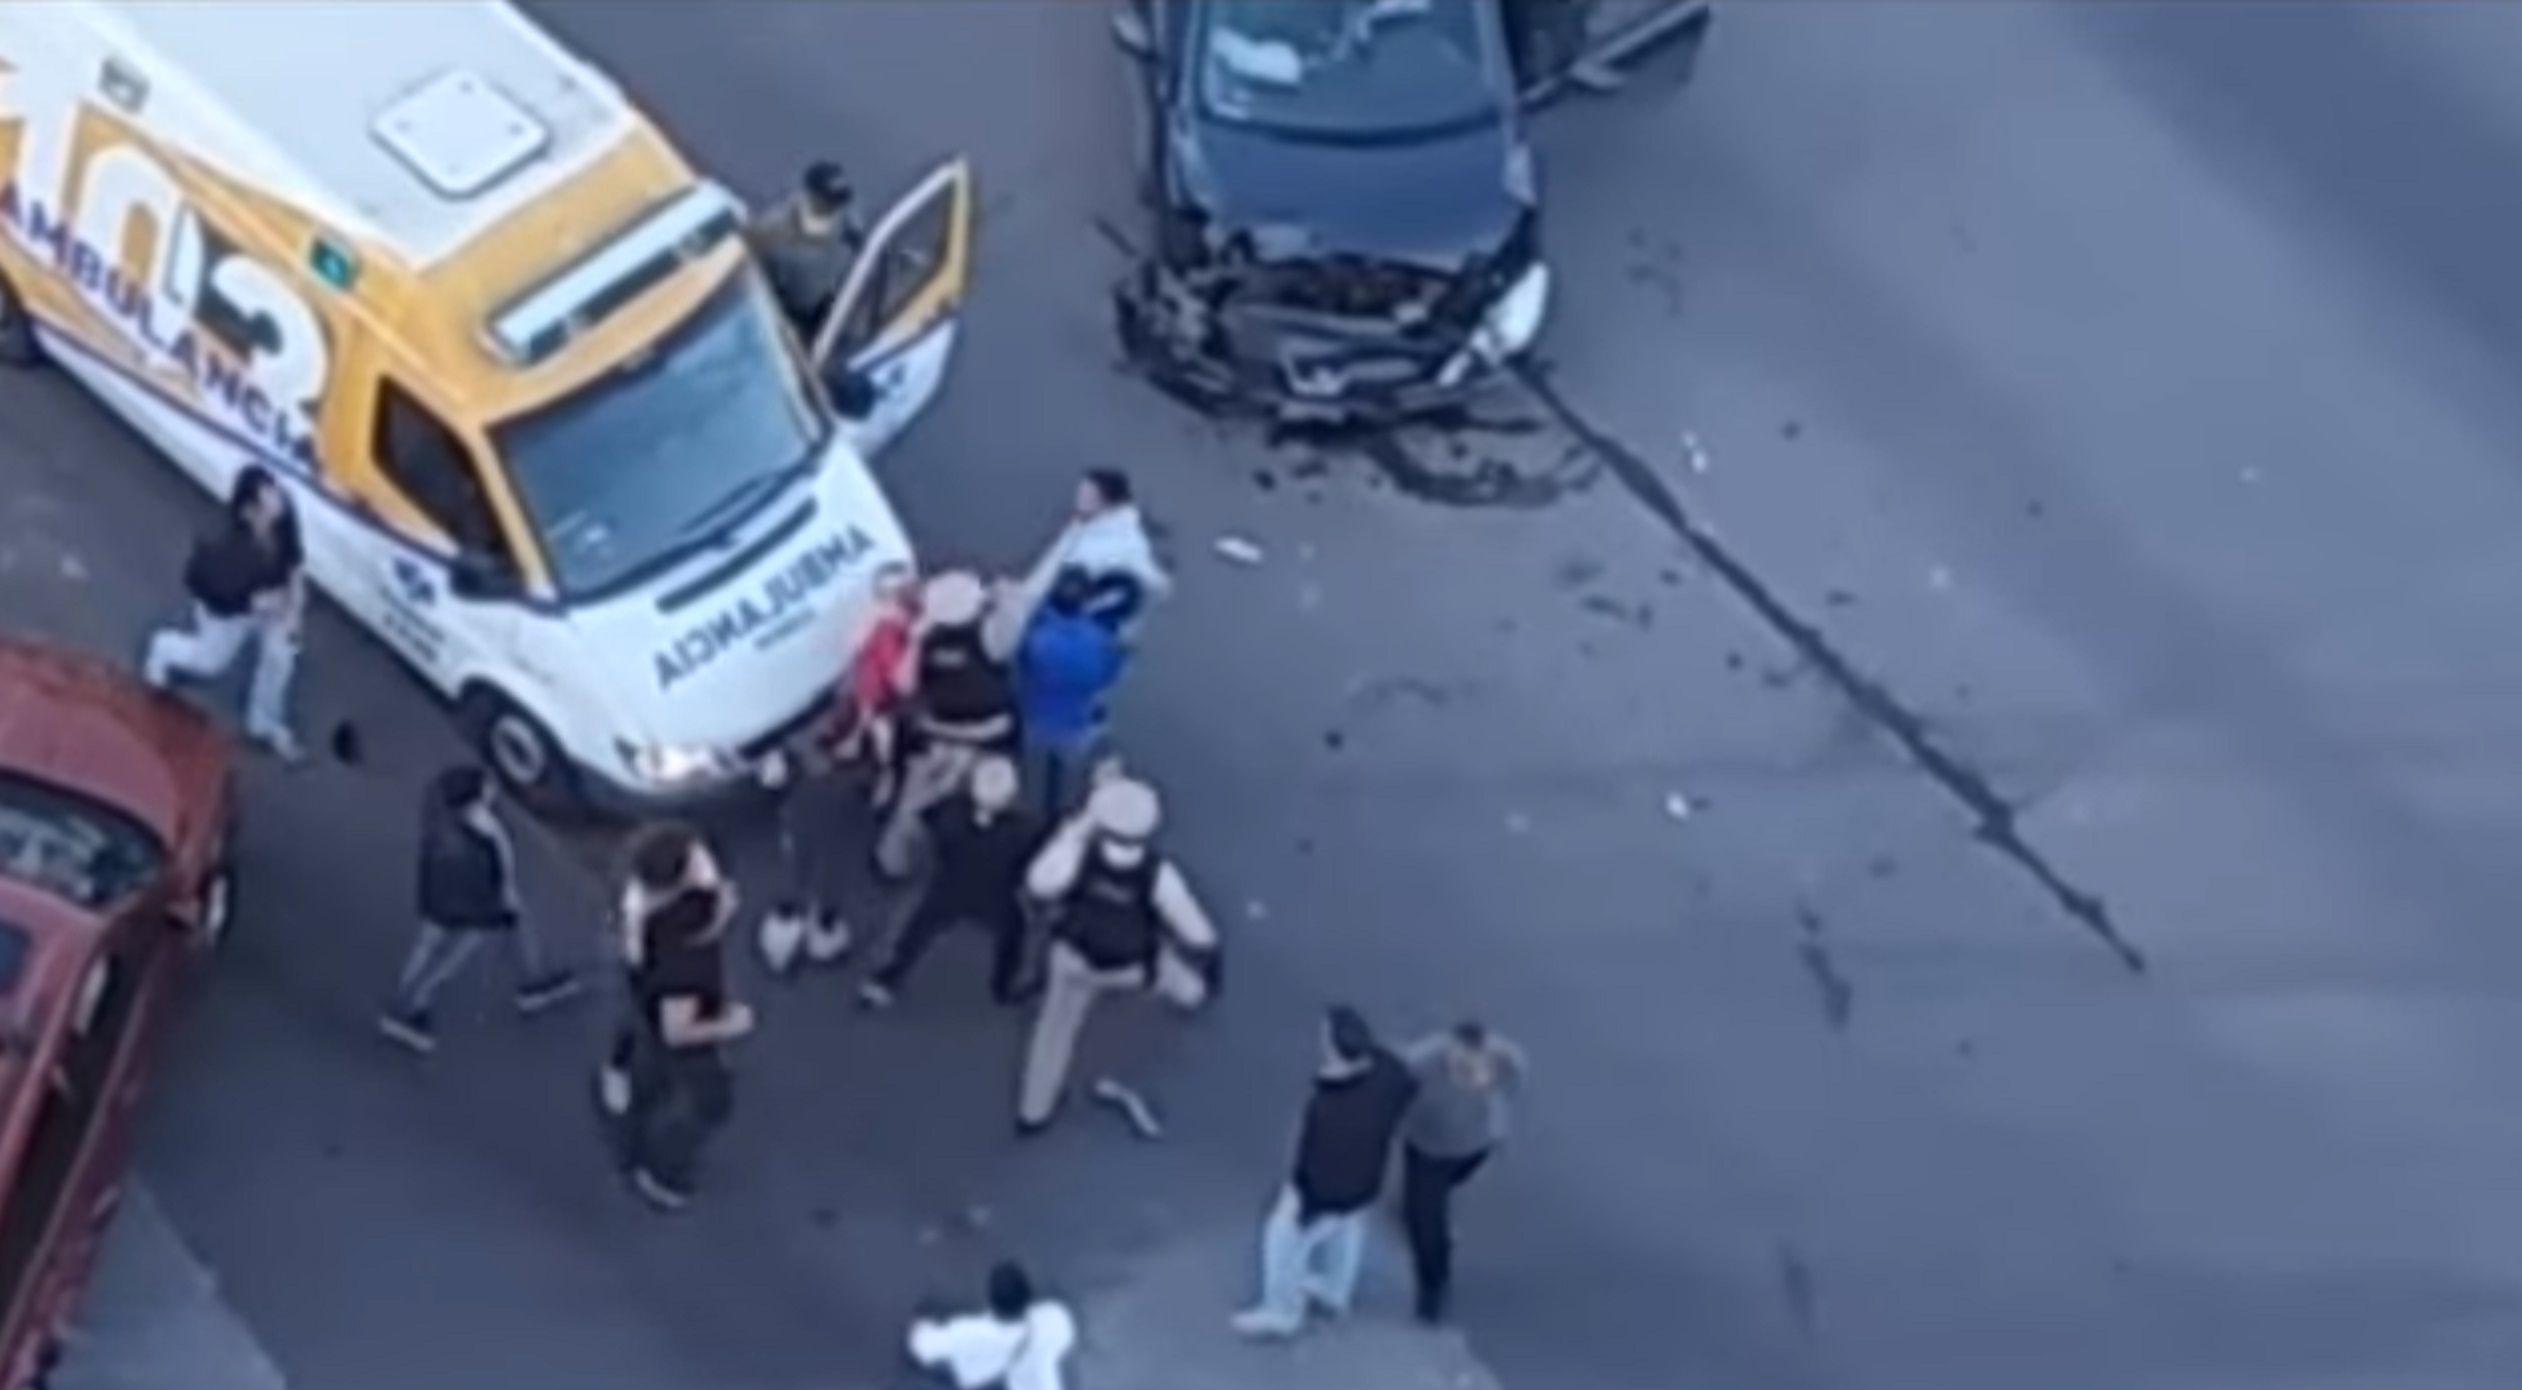 VIDEO: Fue a prestar auxilio tras un choque y terminó recibiendo una brutal golpiza